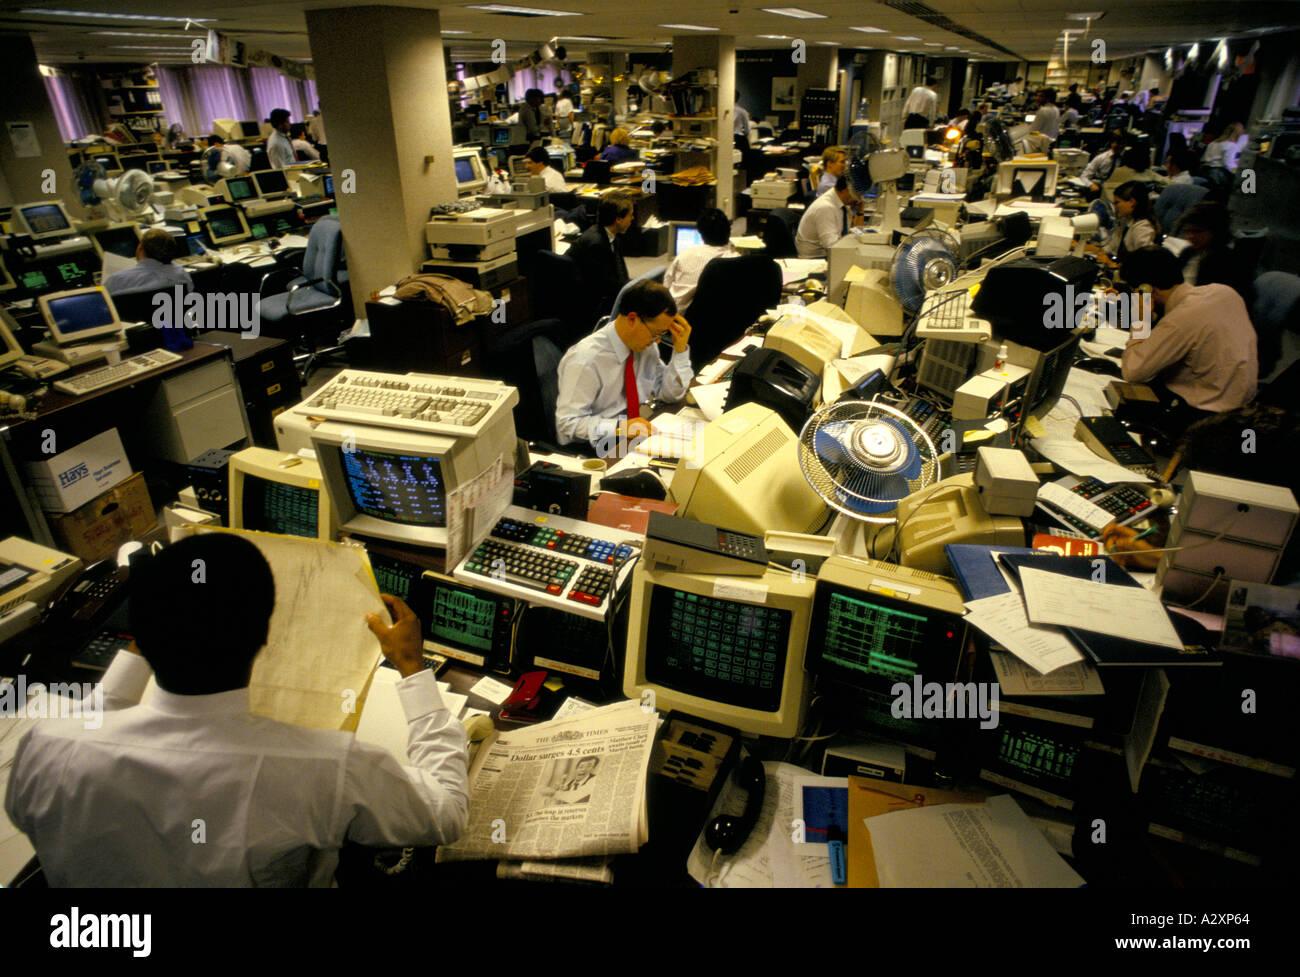 Ufficio indaffarato scena, GOLDMAN SACHS valuta i concessionari. Città di Londra, Inghilterra, Gennaio 1988 Immagini Stock